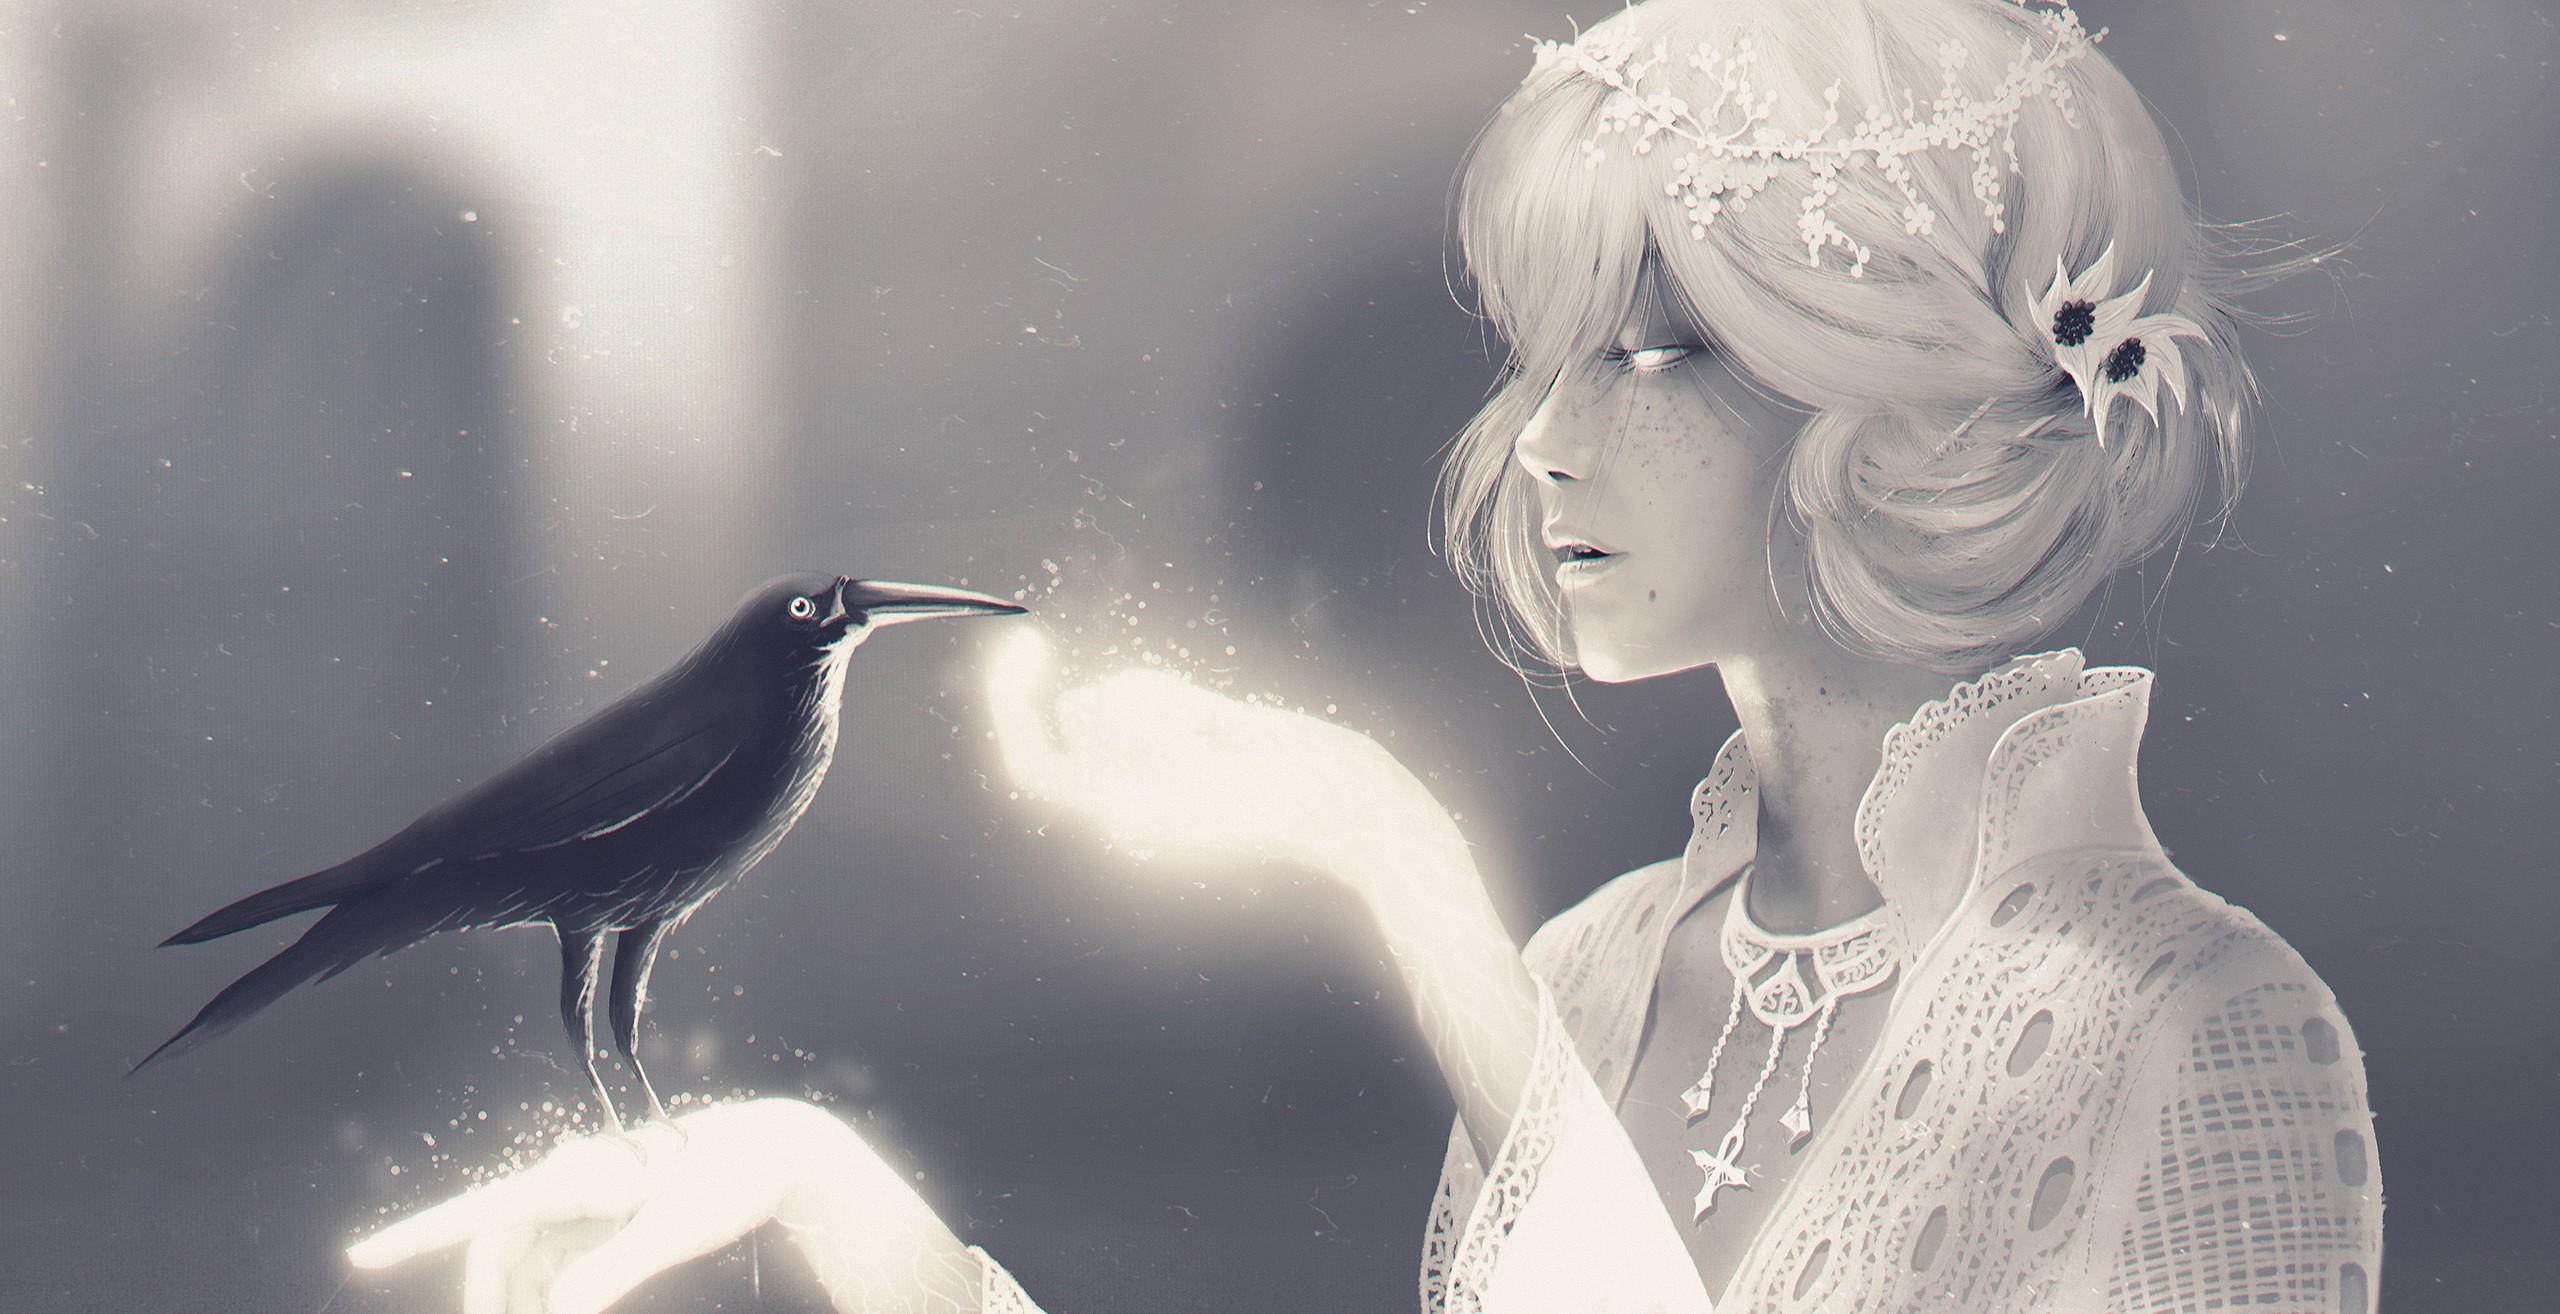 мистические картинки птица и человек может показаться, что